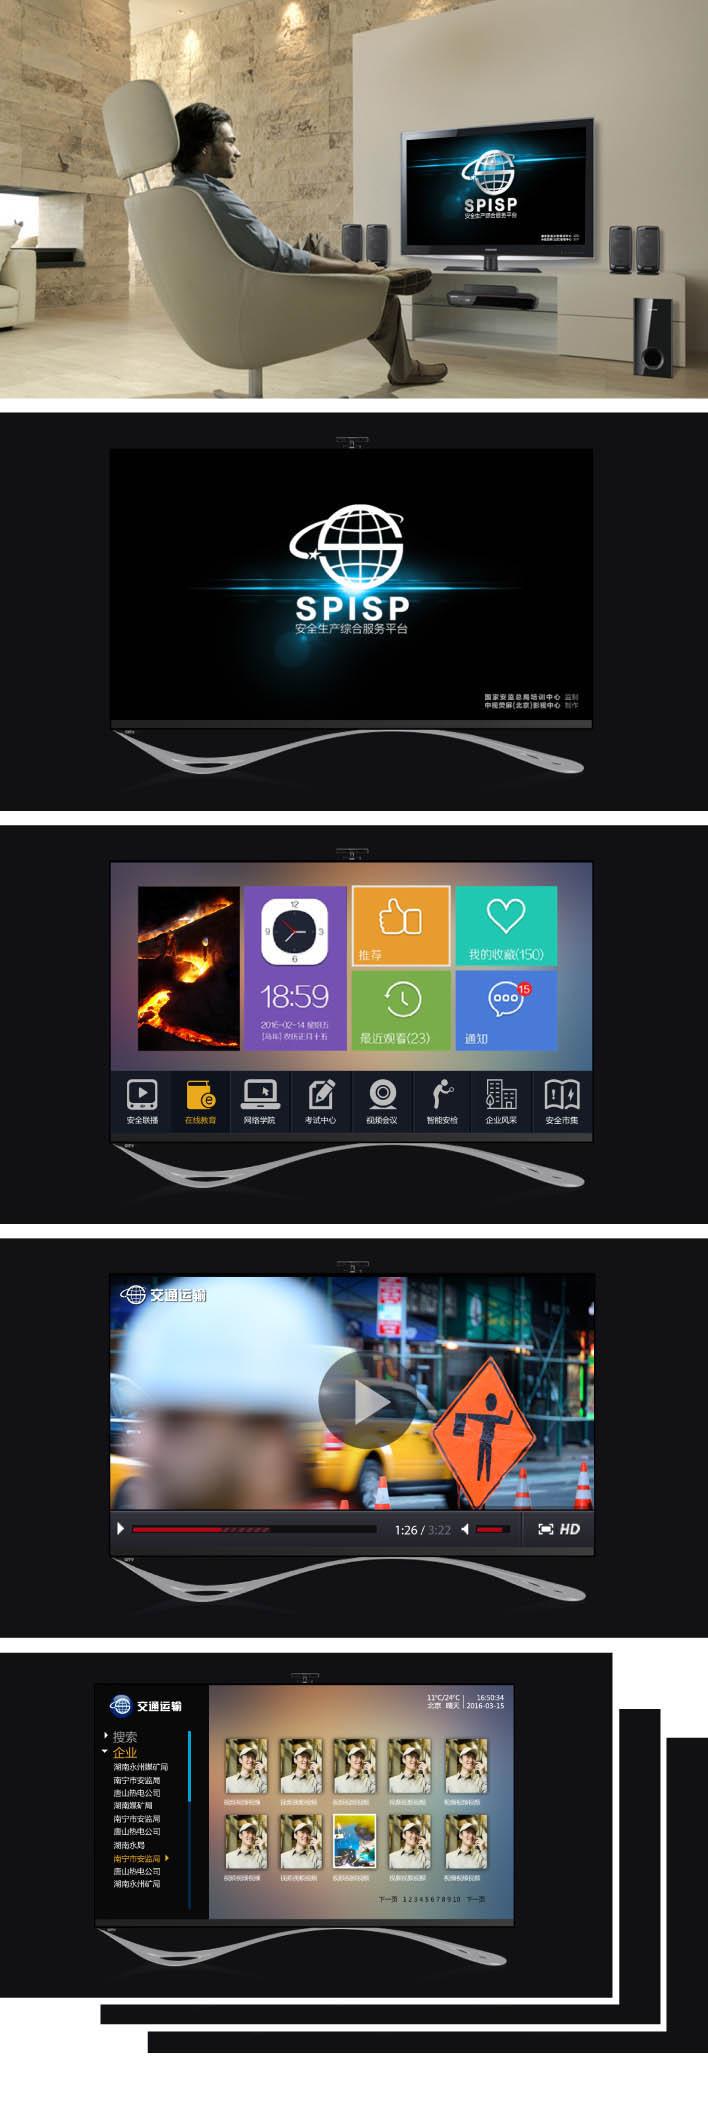 安全生产服务平台-平台形象整合设计